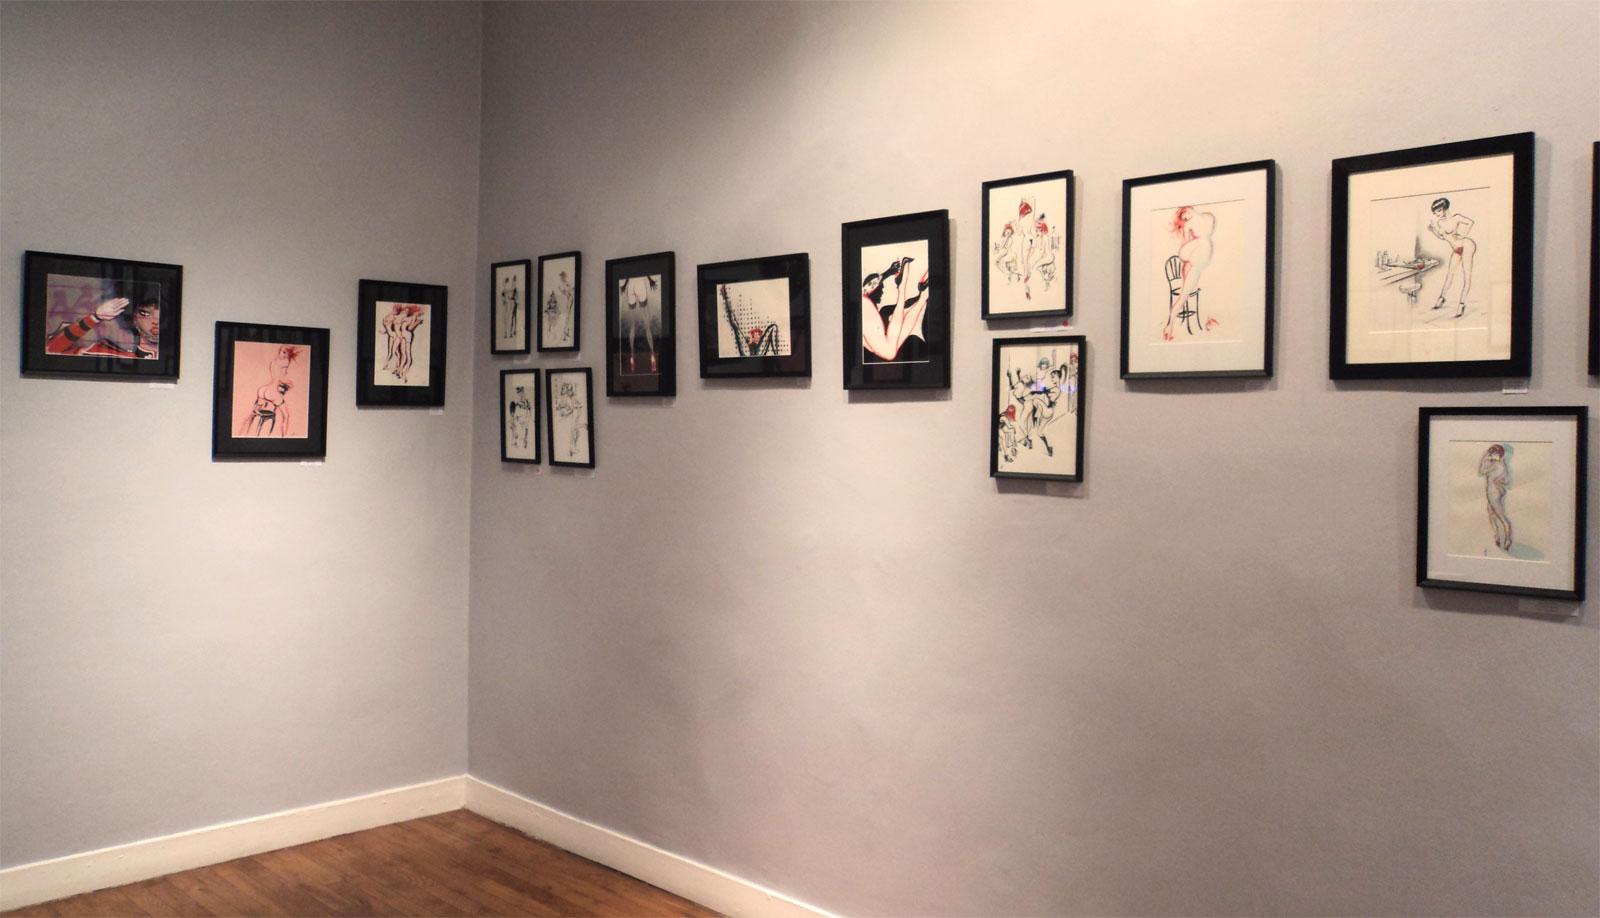 Arludik Gallery